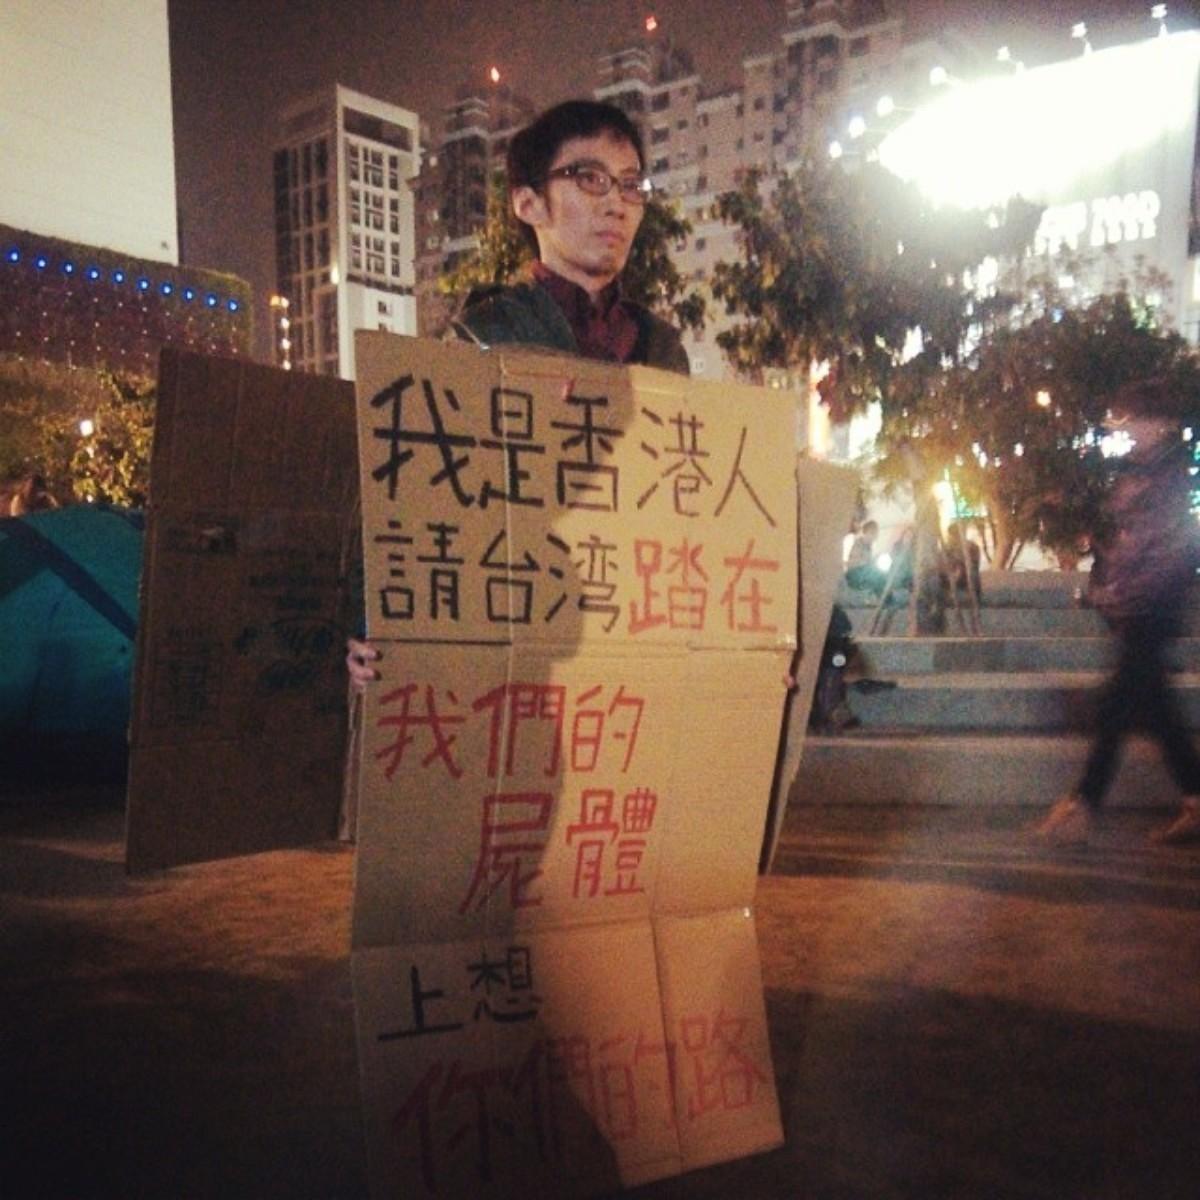 2016年台灣大選前夕,一名香港男子堅定又悲情地警示台灣人。(圖片來源:PTT Gossiping 批踢踢八卦板 fb)